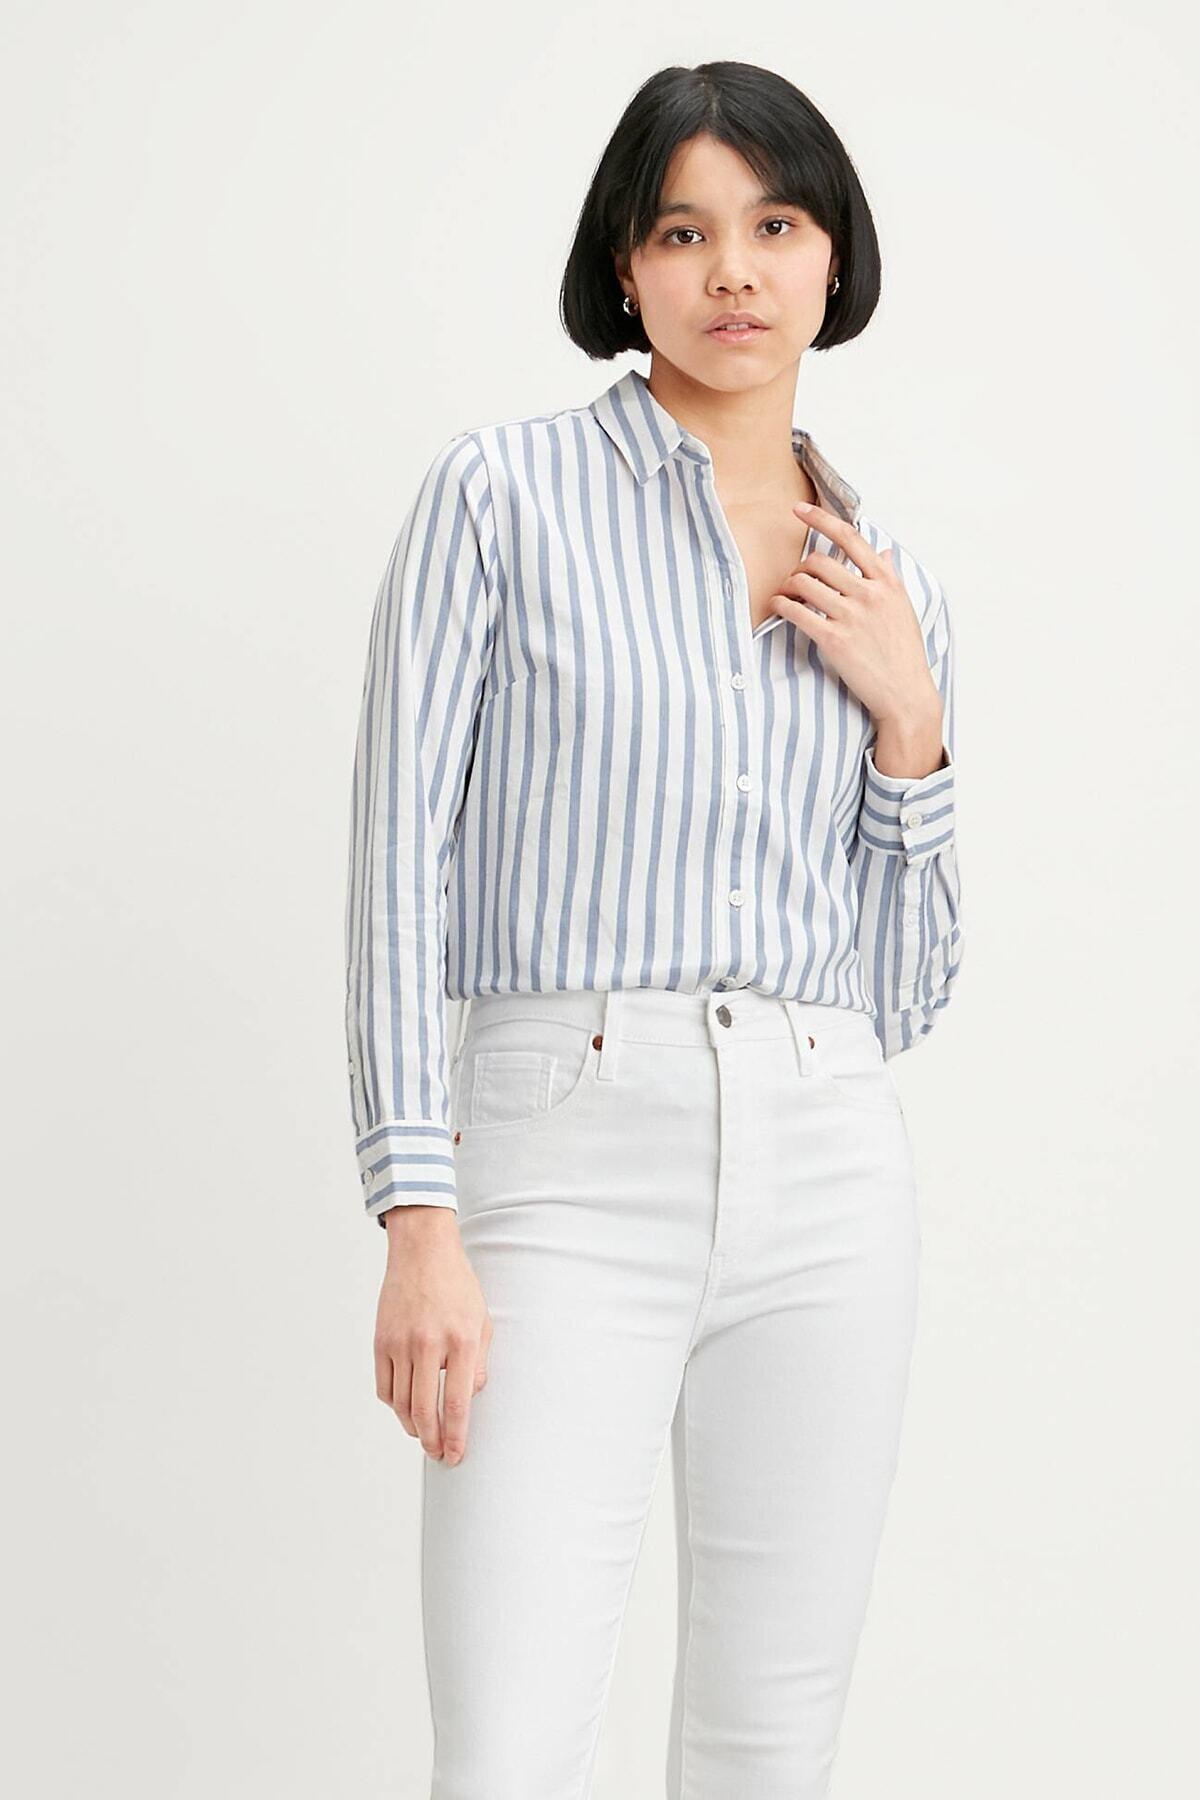 Levi's Kadın Mavi Çizgili Düz Yaka Gömlek Gömlek 34574 1